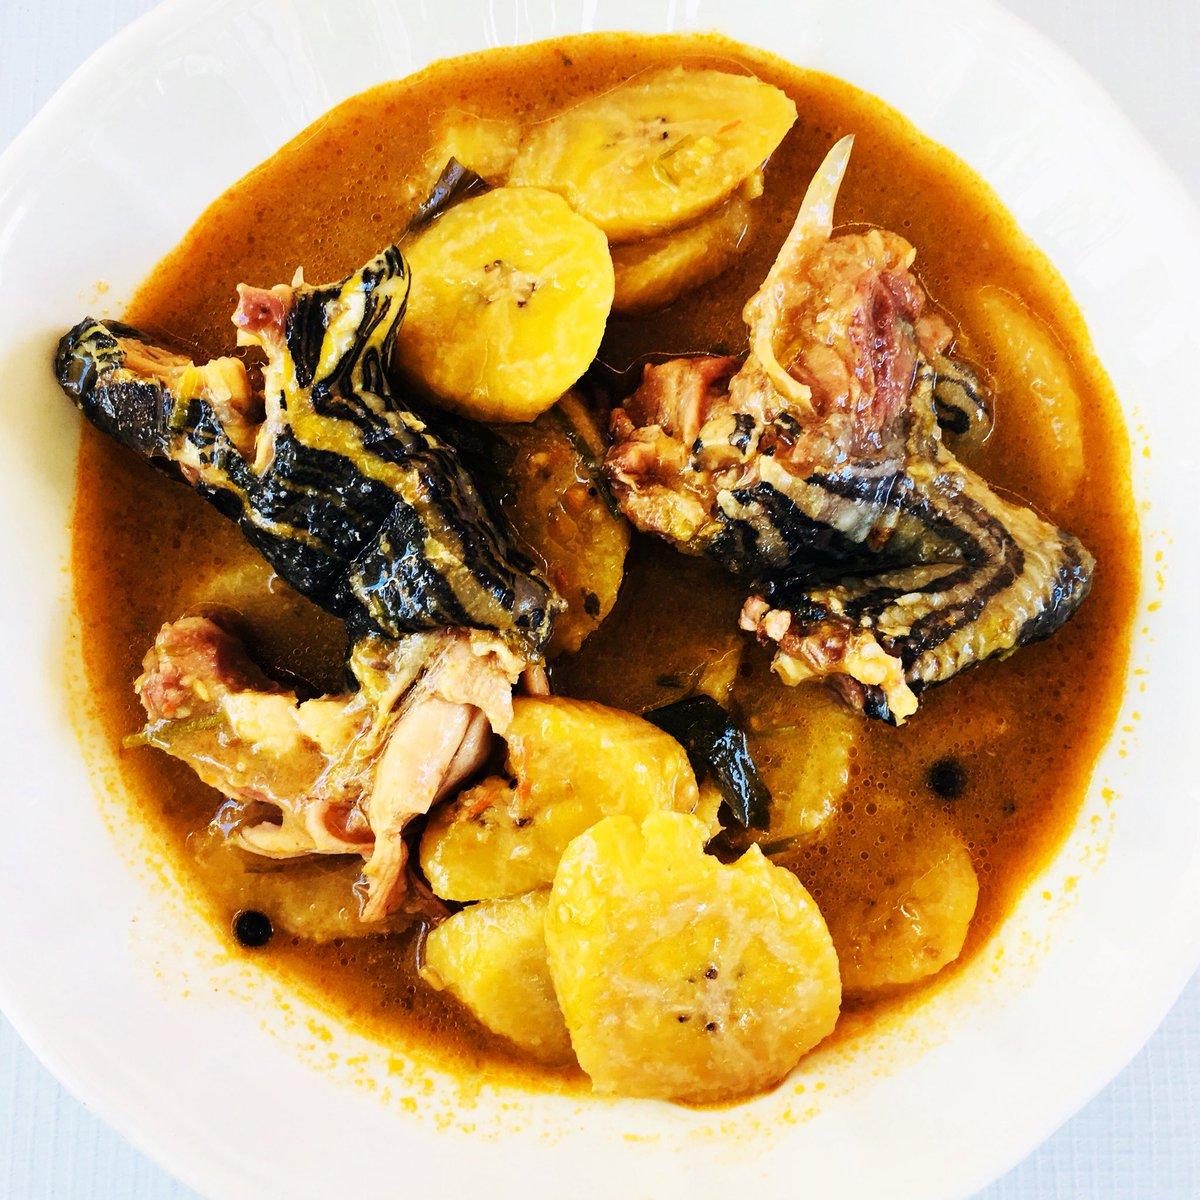 plato de Tortuga en sangre, de los más exóticos de Tabasco